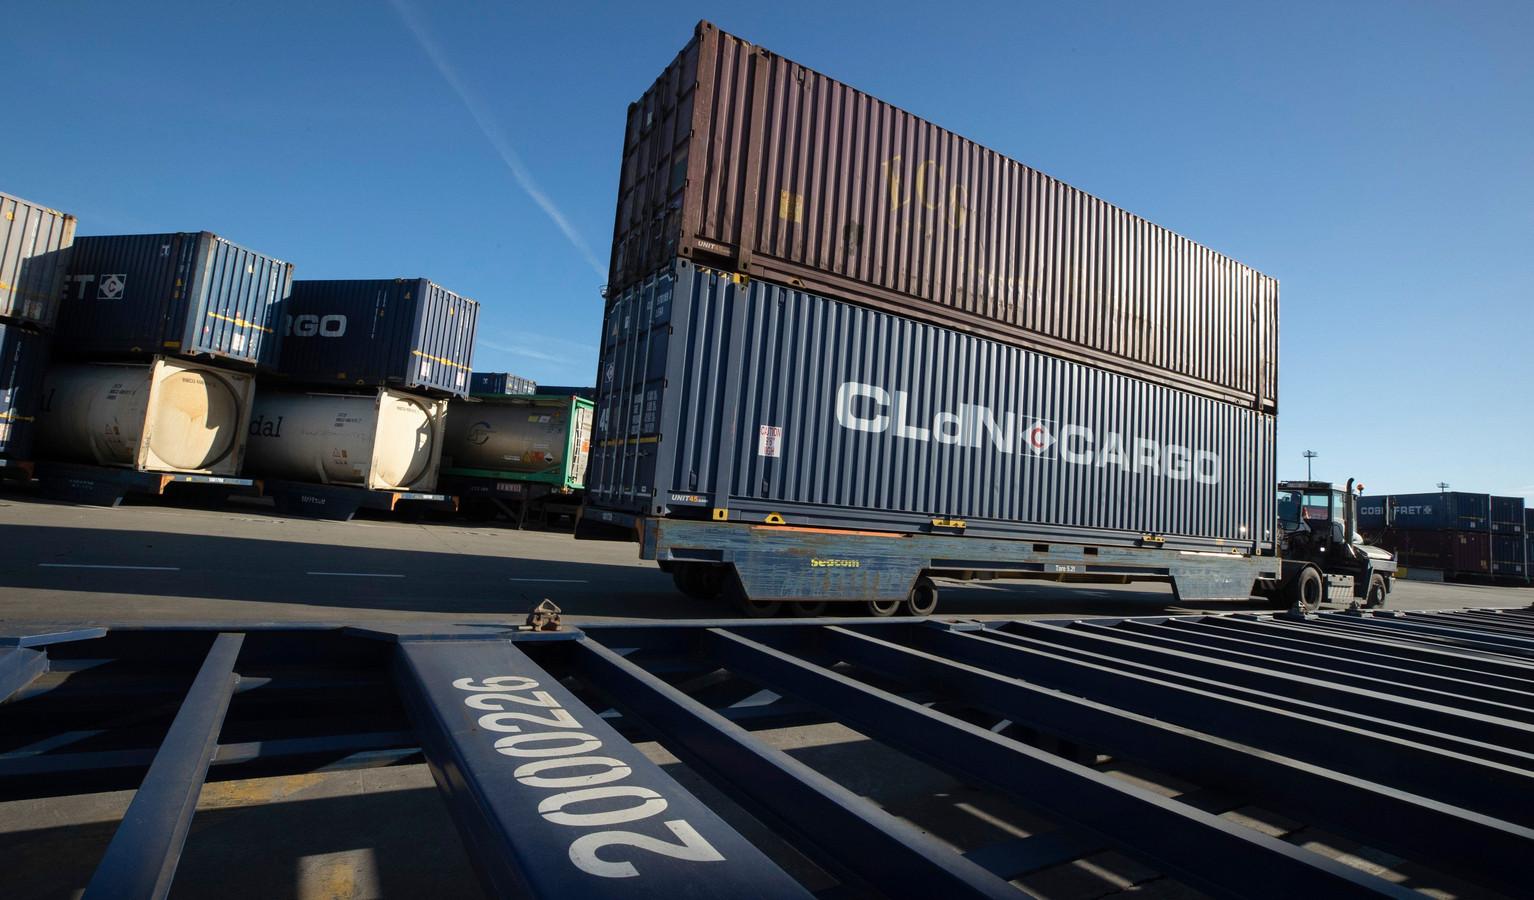 De beklaagden zouden plannen gehad hebben om cocaïne in containers te smokkelen van Zuid-Amerika naar Zeebrugge.